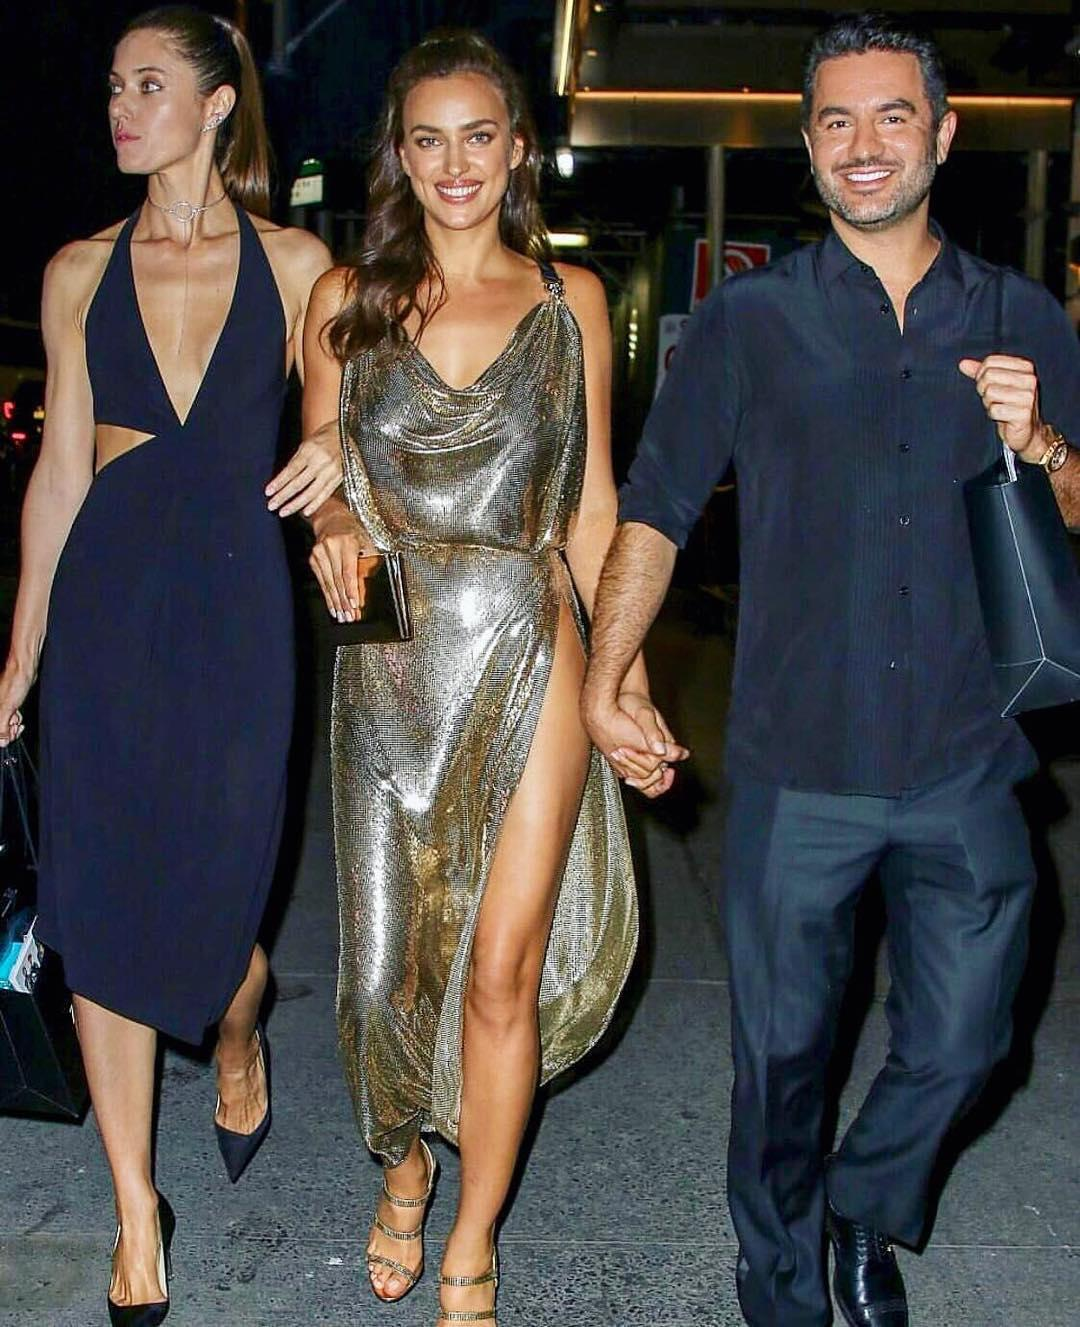 Декольте, золото, бесконечные ноги — и никакого белья! Ирина Шейк стала звездой вчера в Нью-Йорке